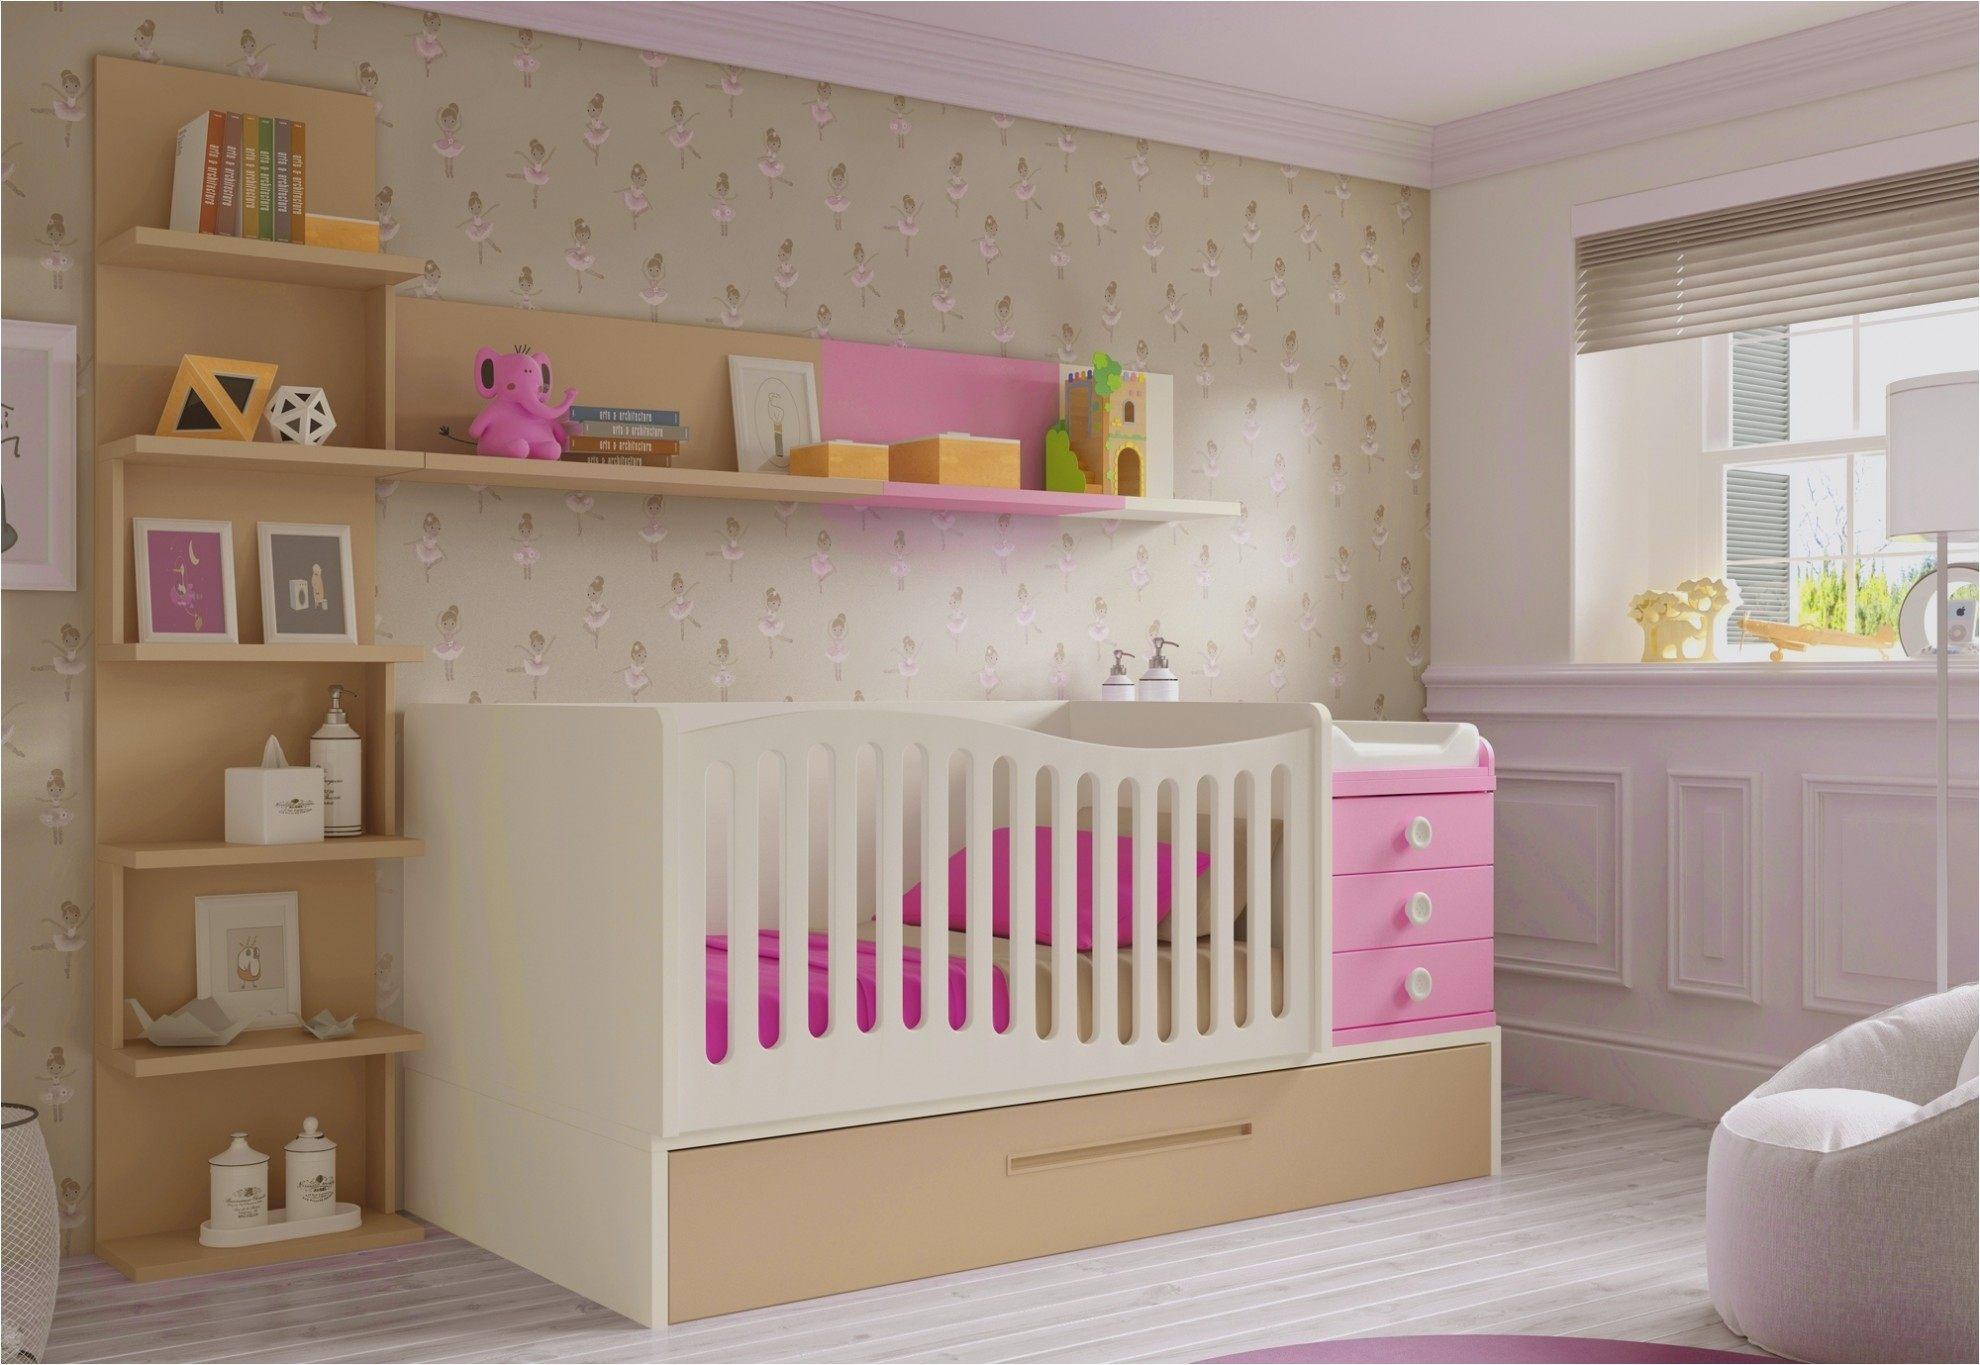 Chicco Lit Bebe Bel tour De Lit Pour Bébé Lesmeubles tour De Lit Bébé — Lesmeubles